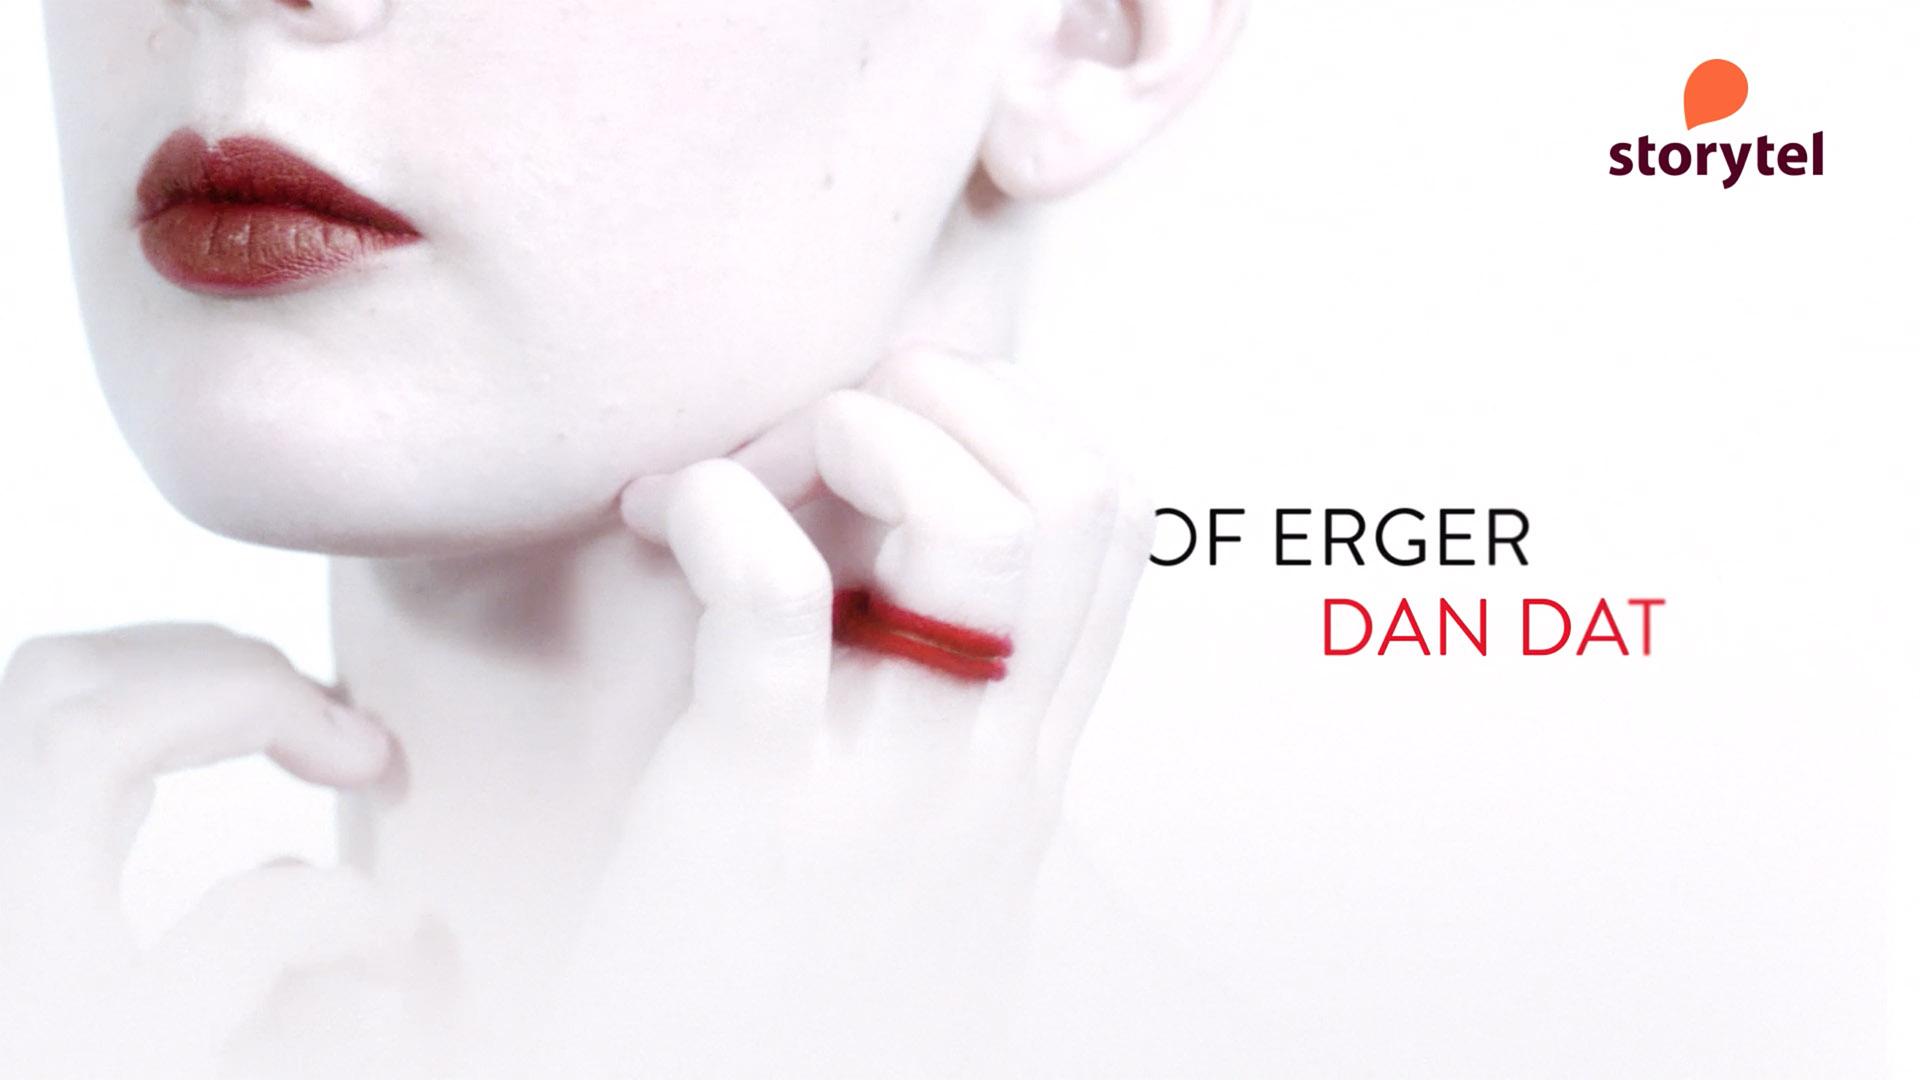 Storytel Karin Slaughter Frame